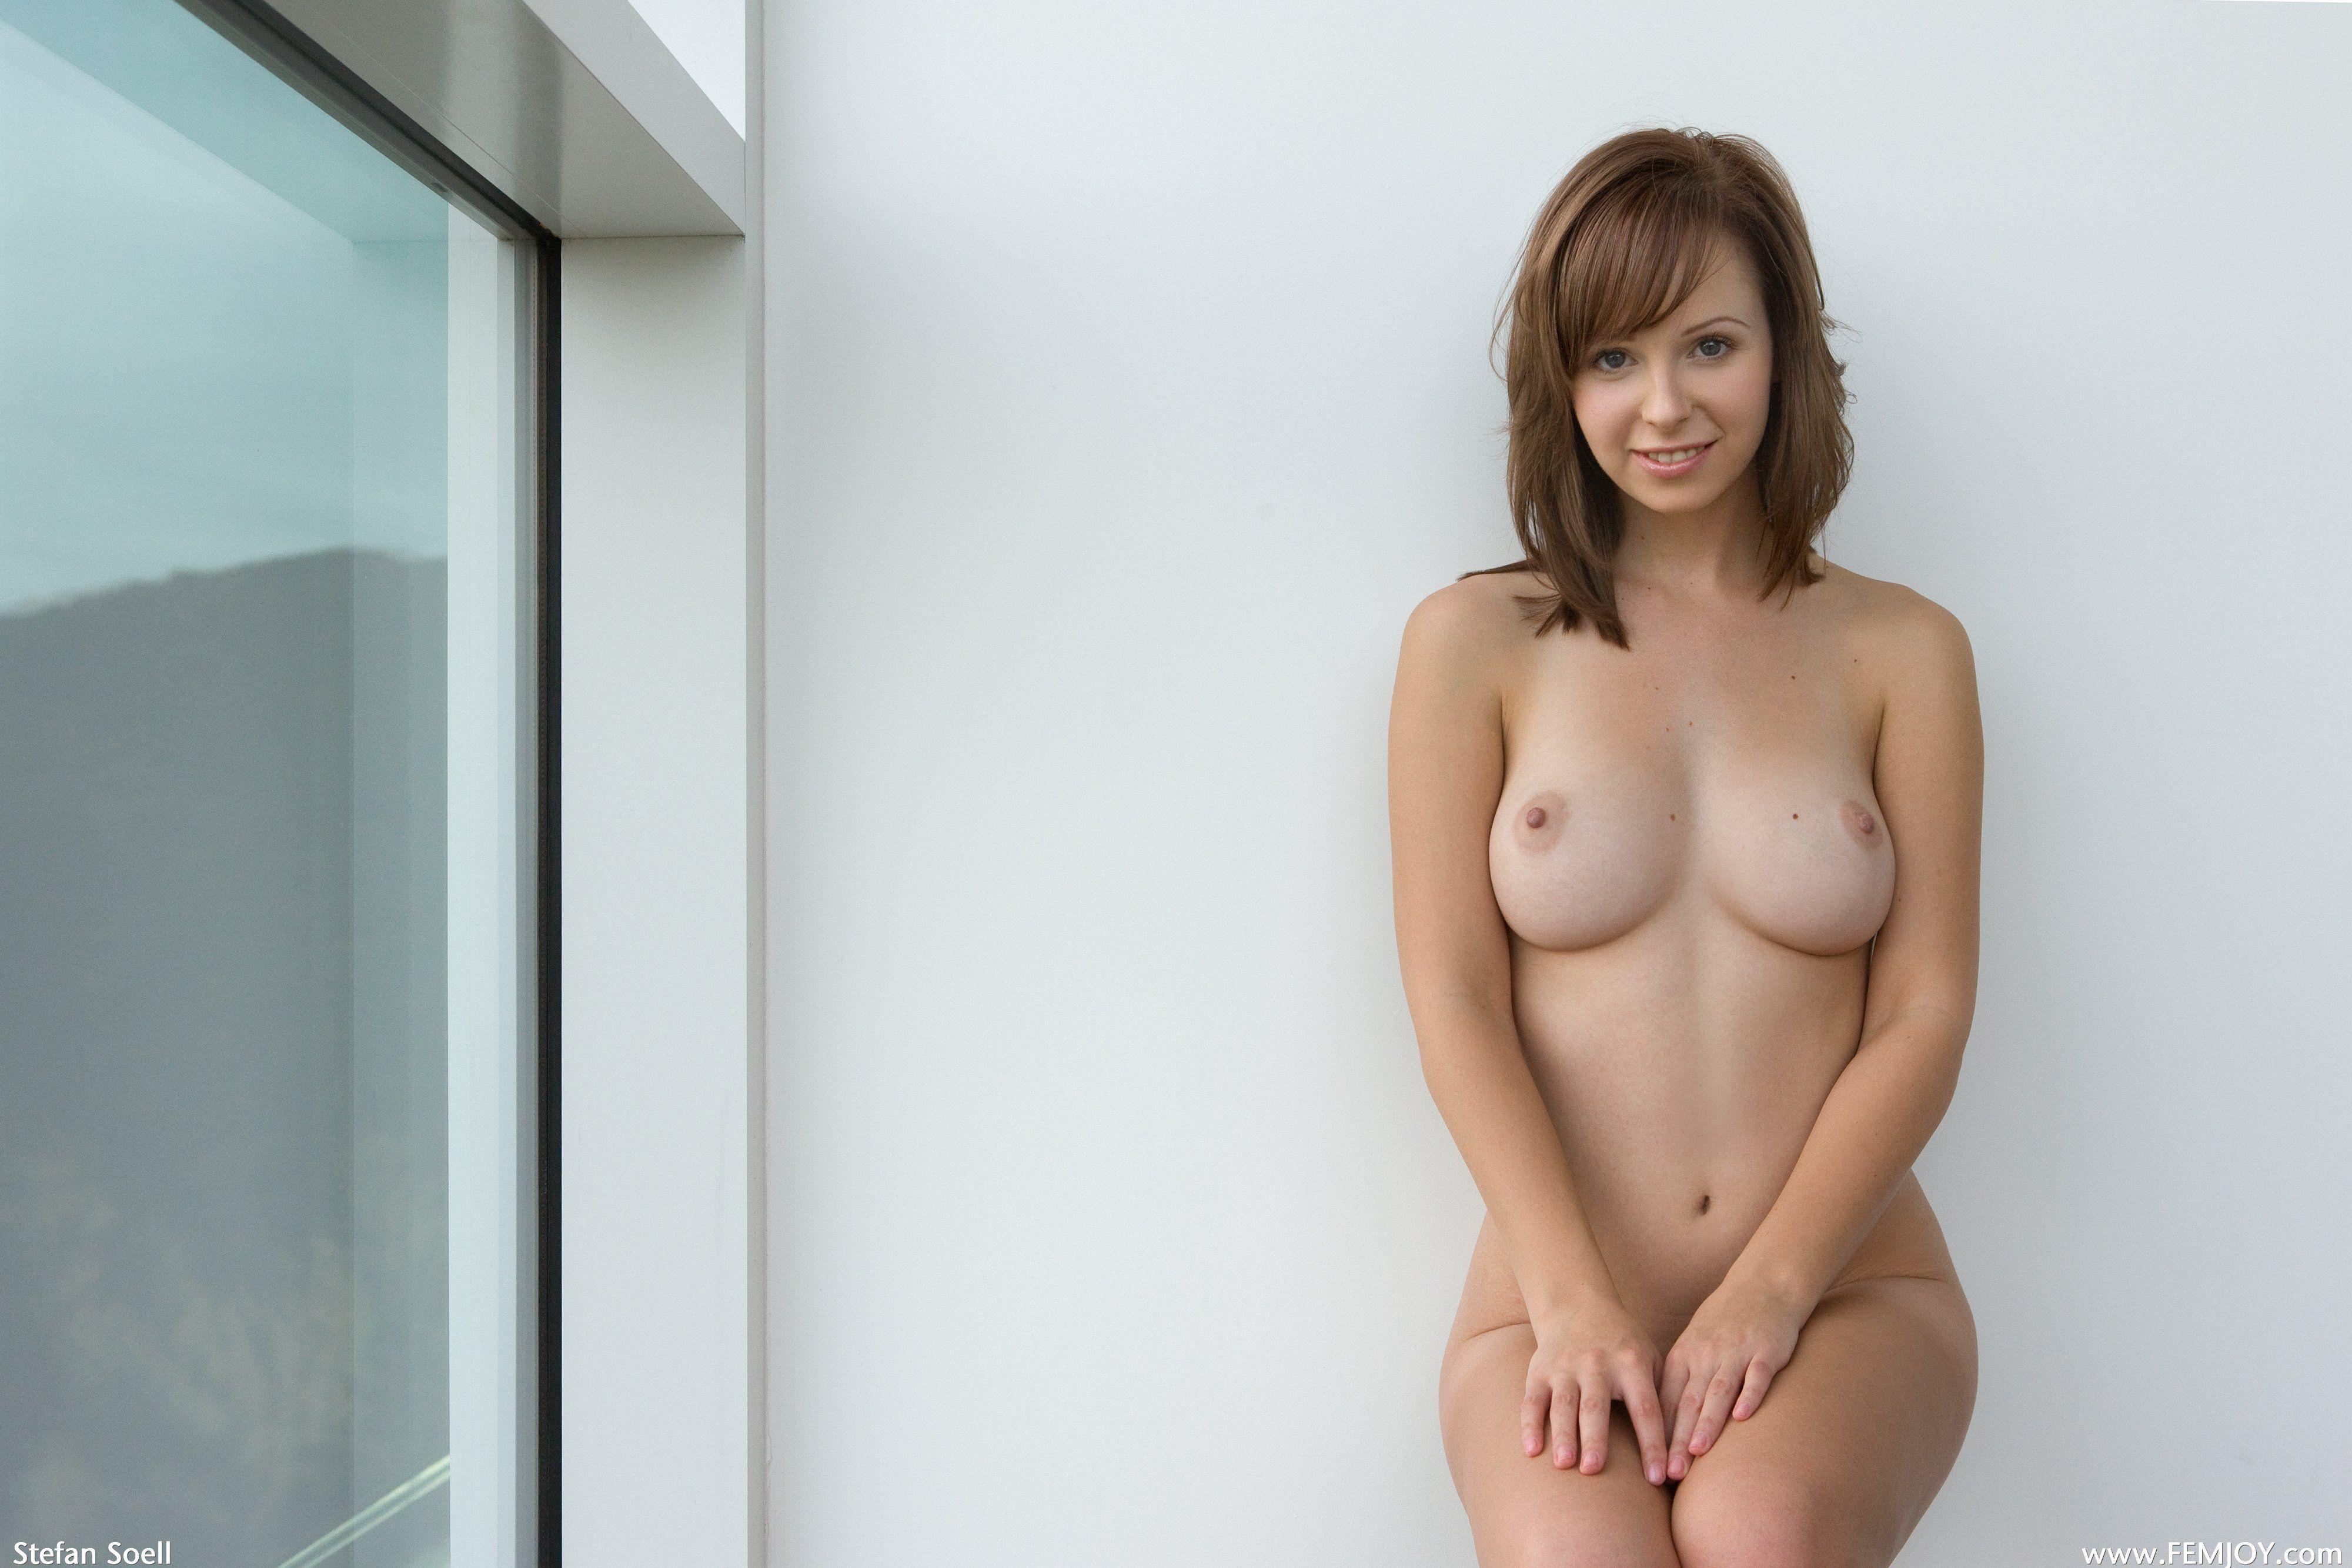 http://i2.imageban.ru/out/2013/08/14/f7d2b5d7ca094fd689edcce2fc507d24.jpg